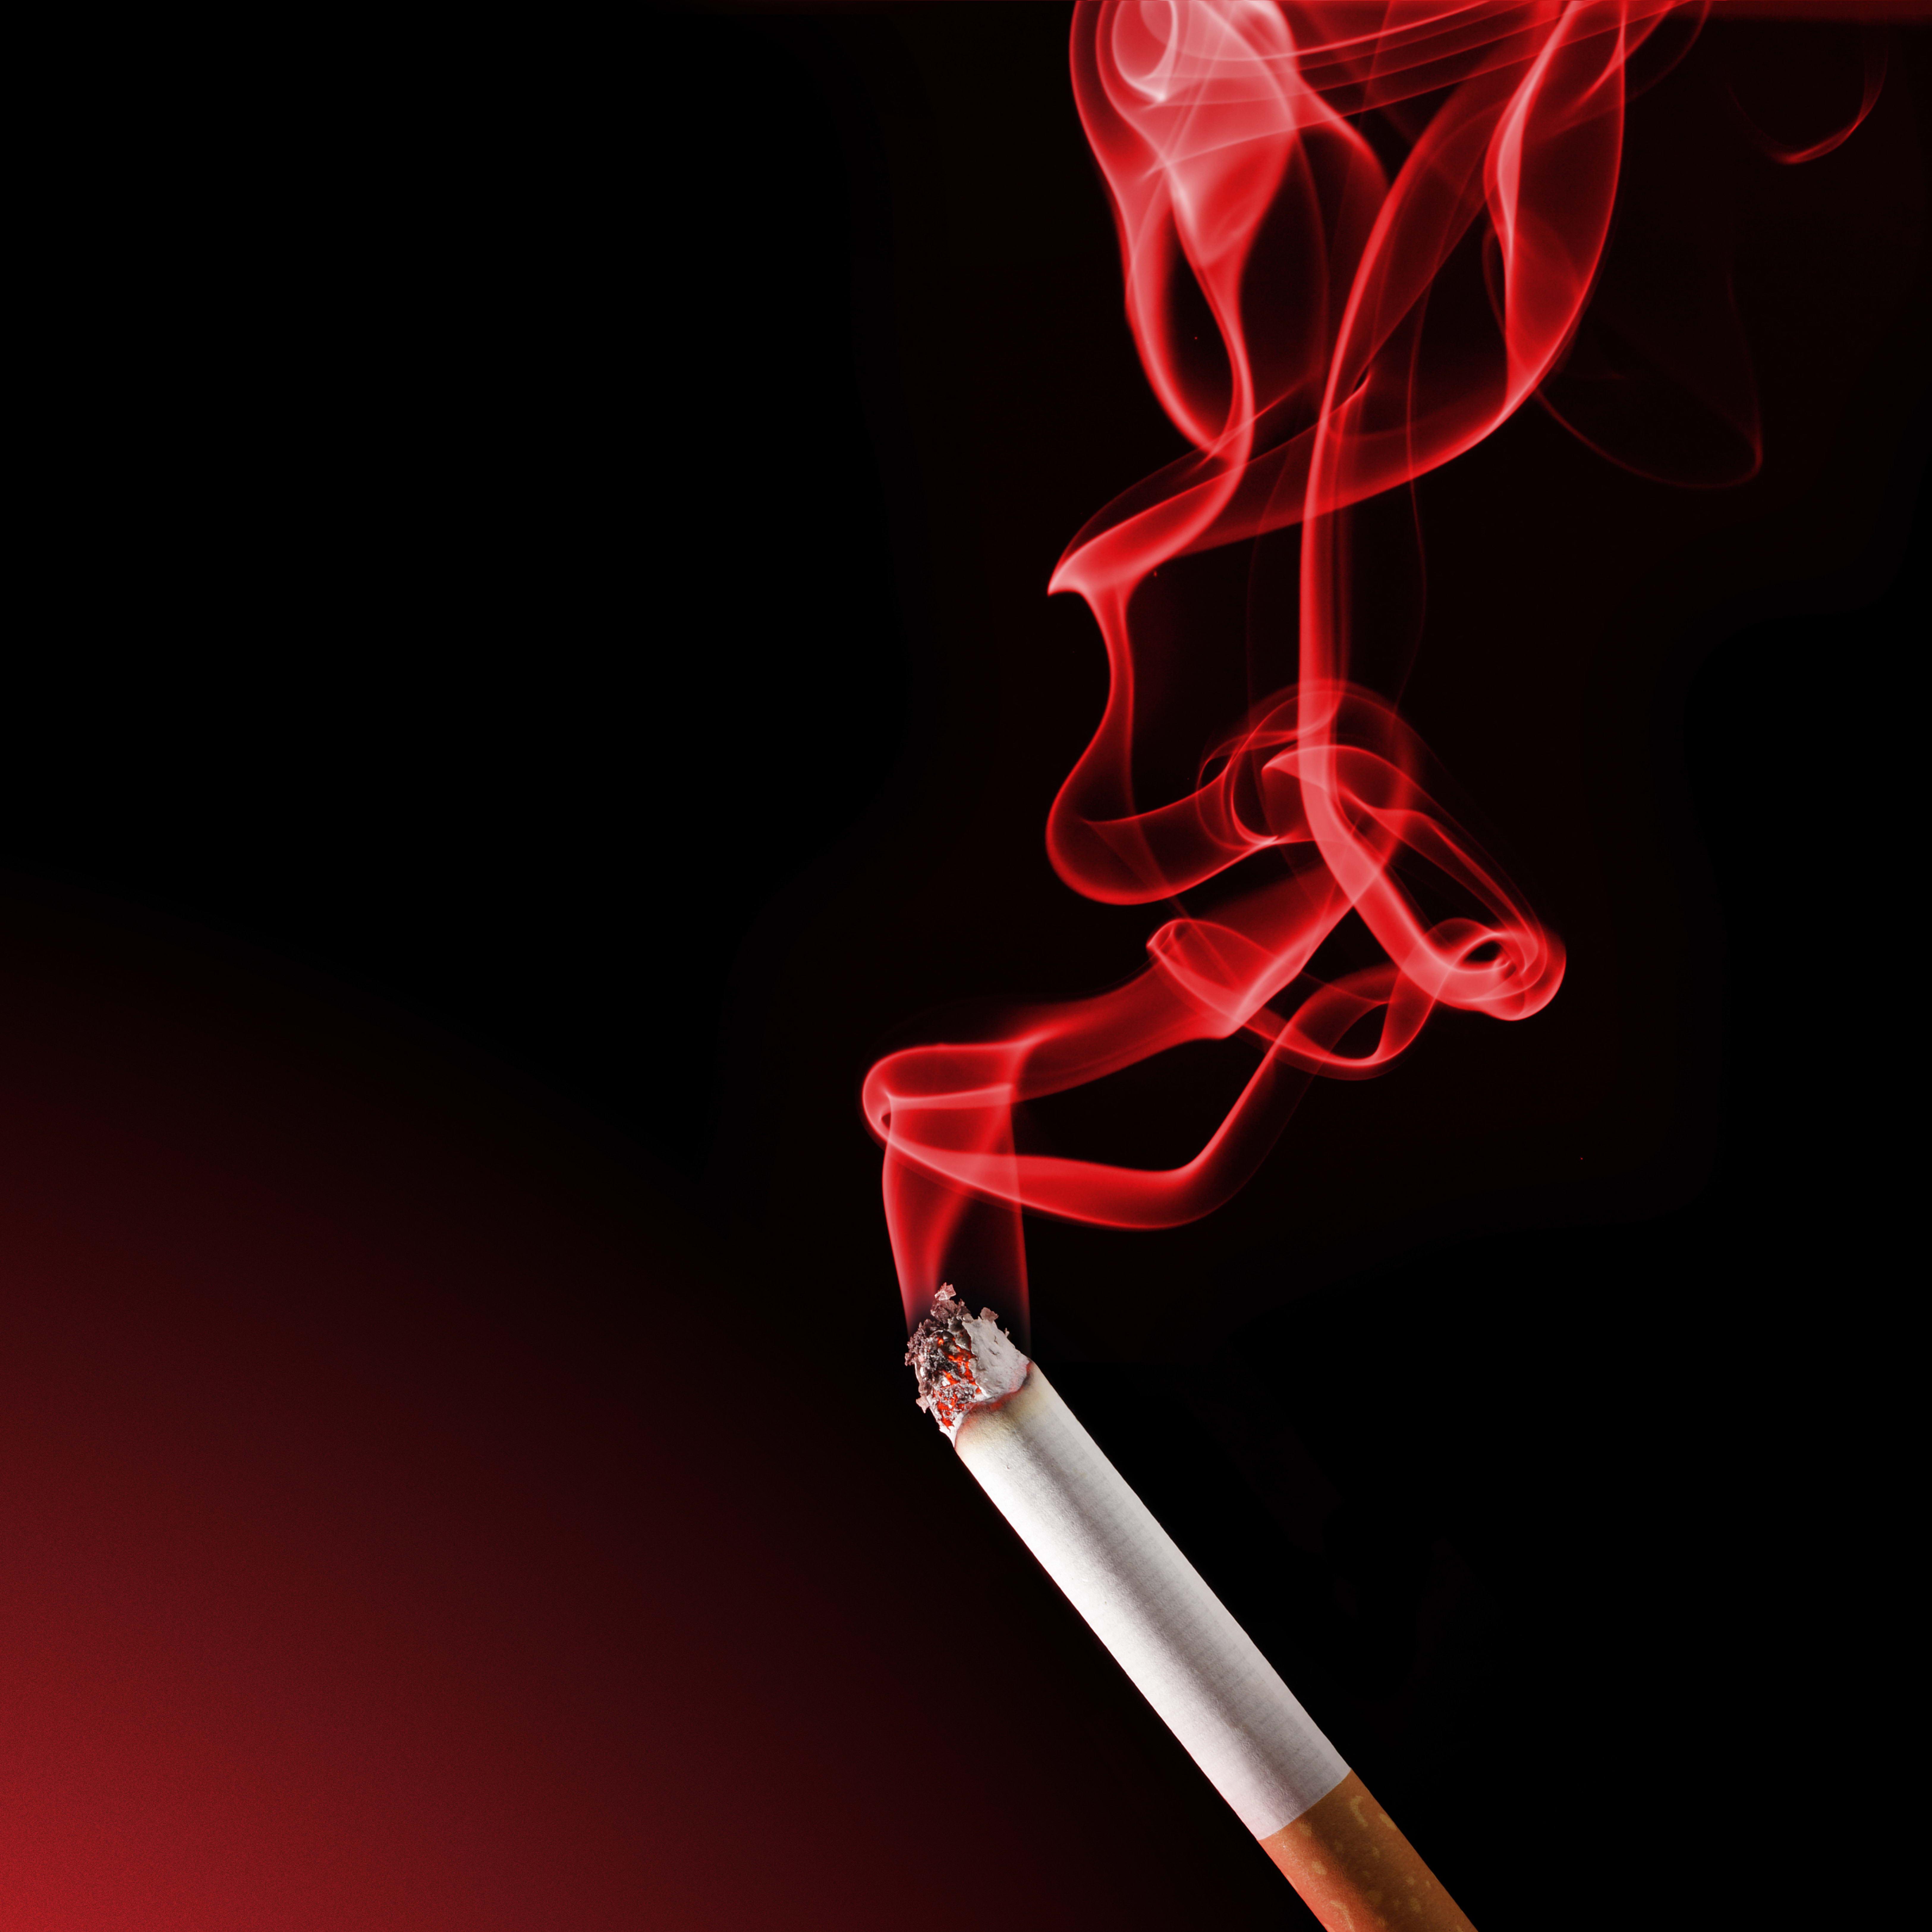 Нас окутает дым сигарет слушать онлайн бесплатно купить сигареты в бибирево